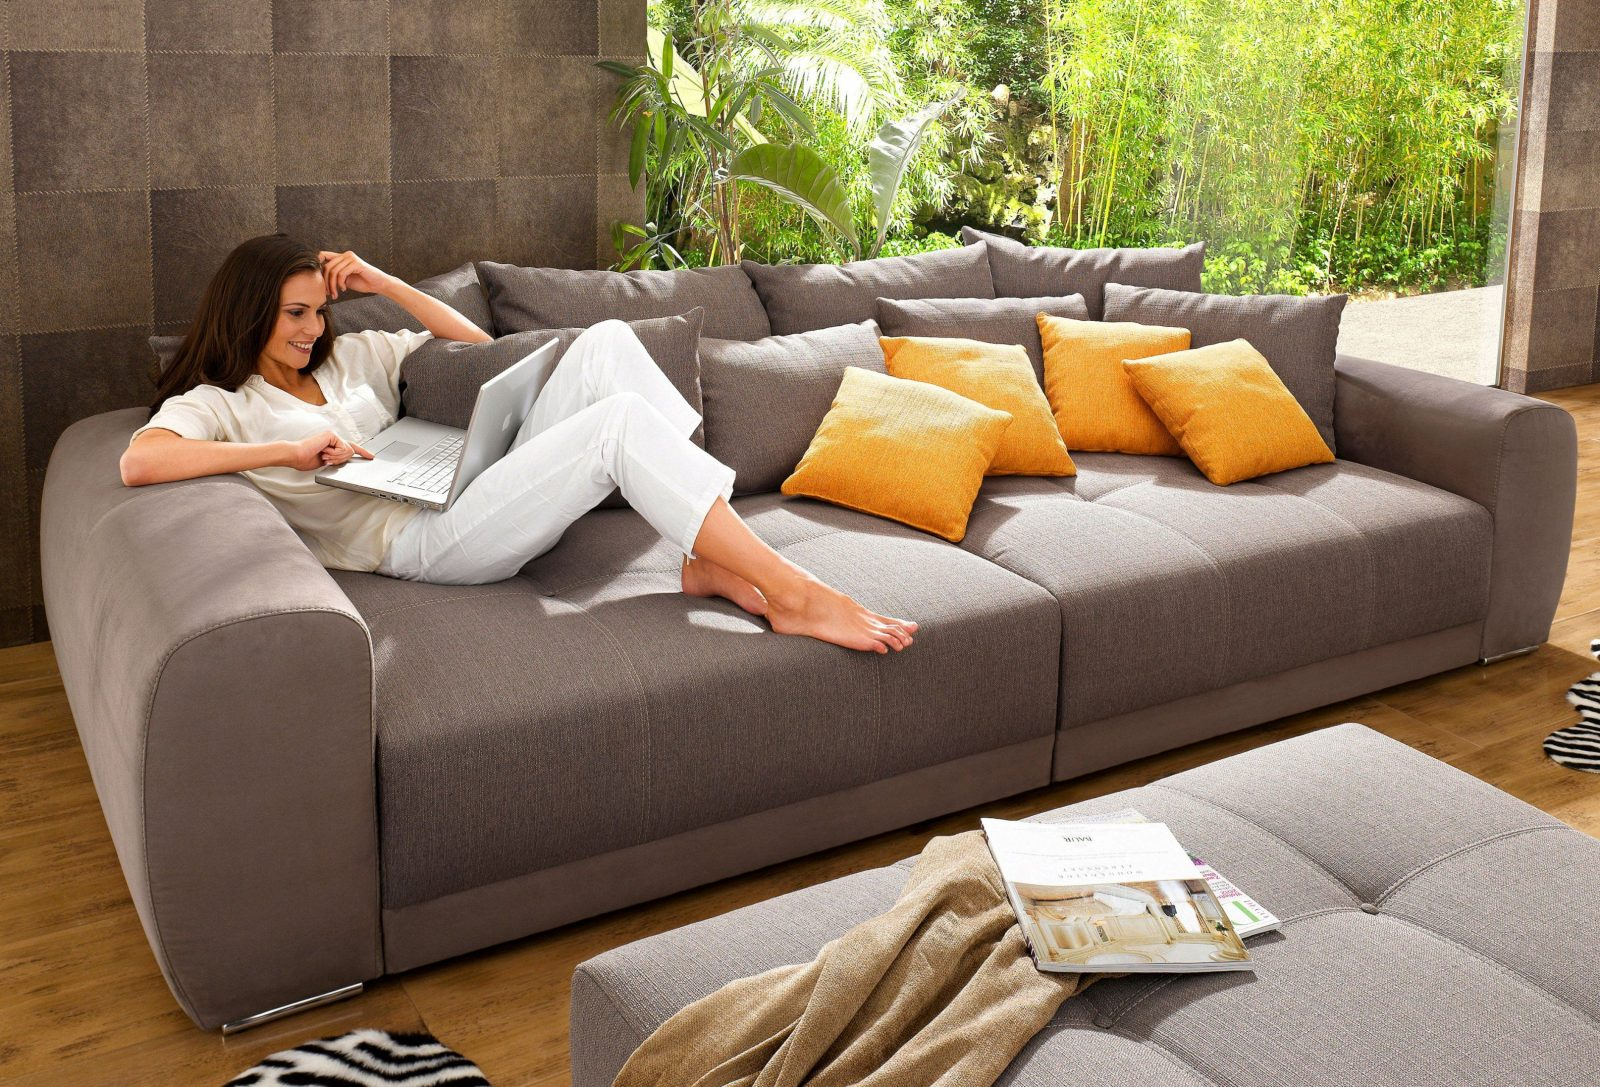 Beeindruckend Xxl Big Sofa & Couch Günstig Auf Rechnung Raten Kaufen von Big Sofa Auf Raten Bild